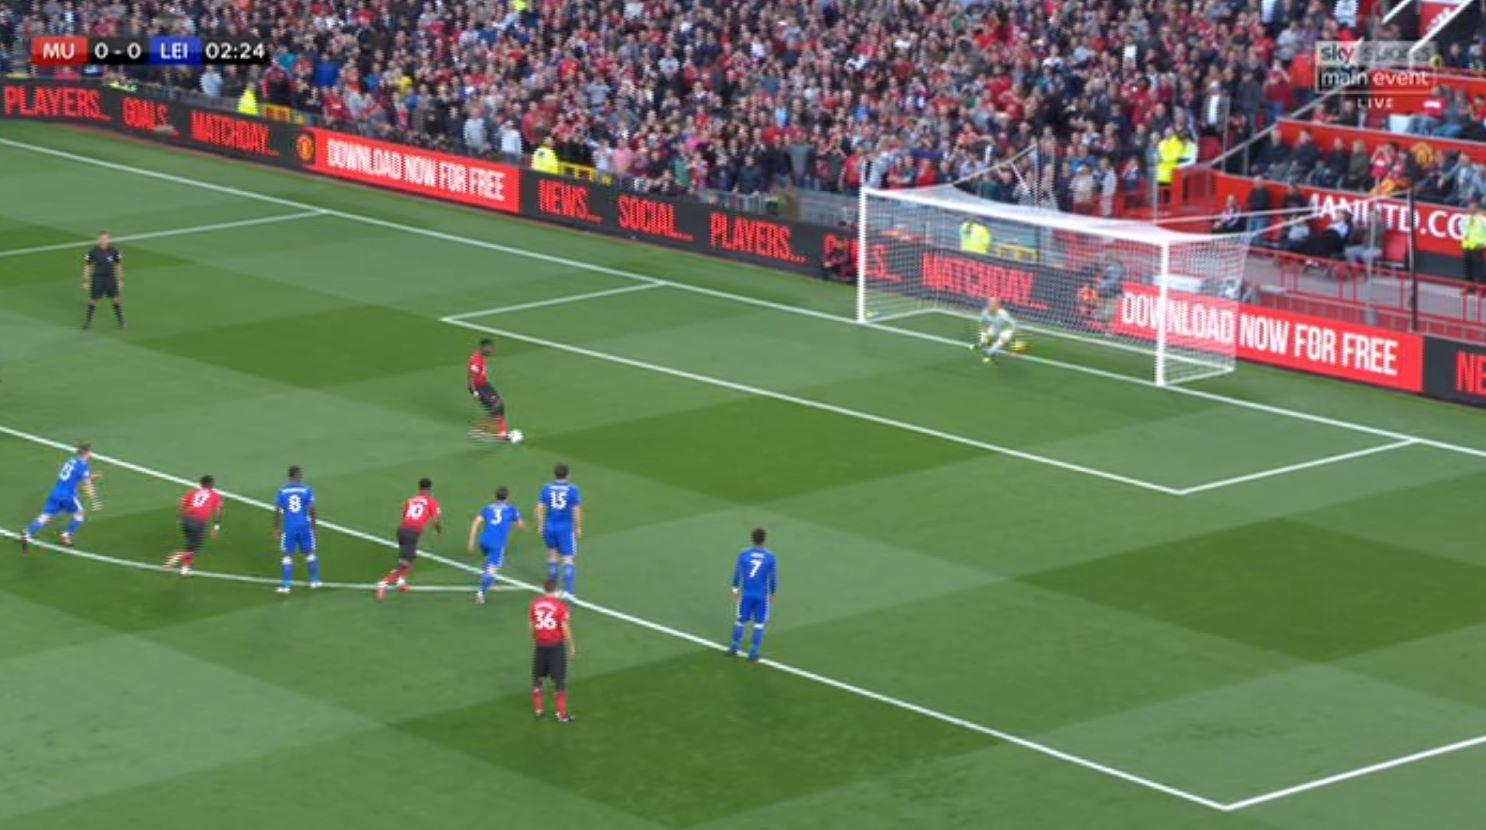 Finally, Pogba accelerates into the ball